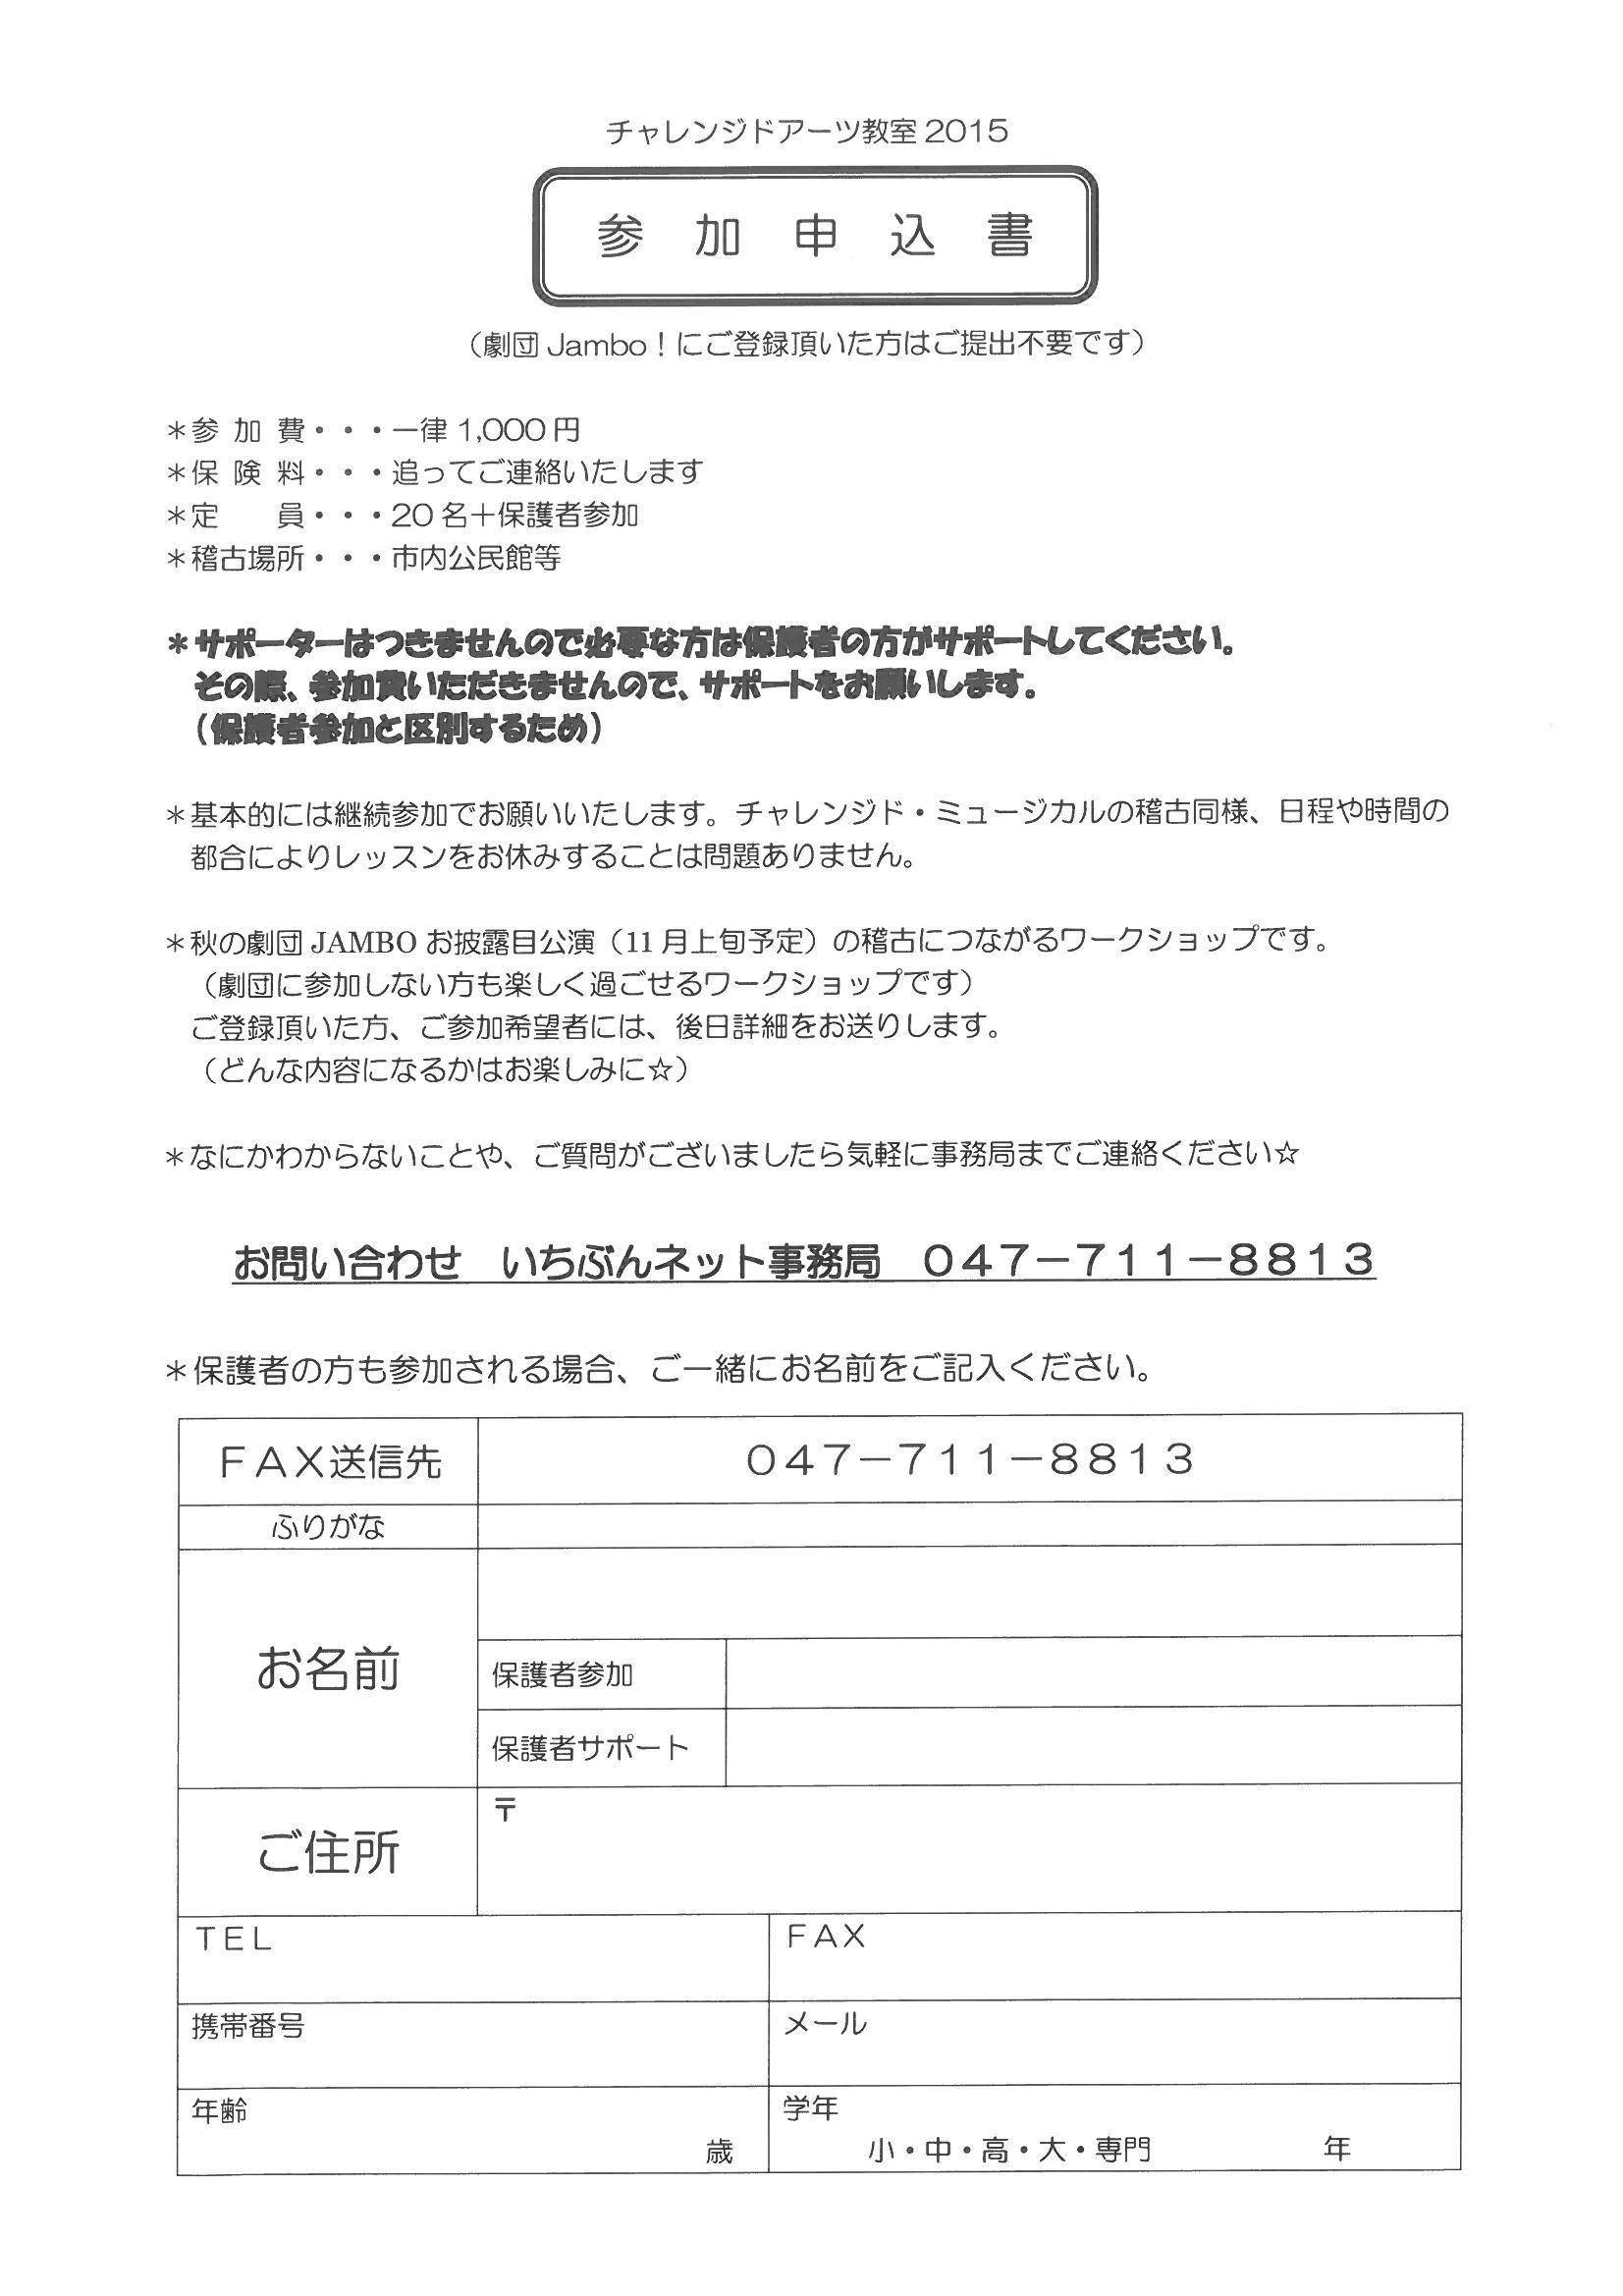 チャレンジドアーツ申込書SKMBT_C25315050215210